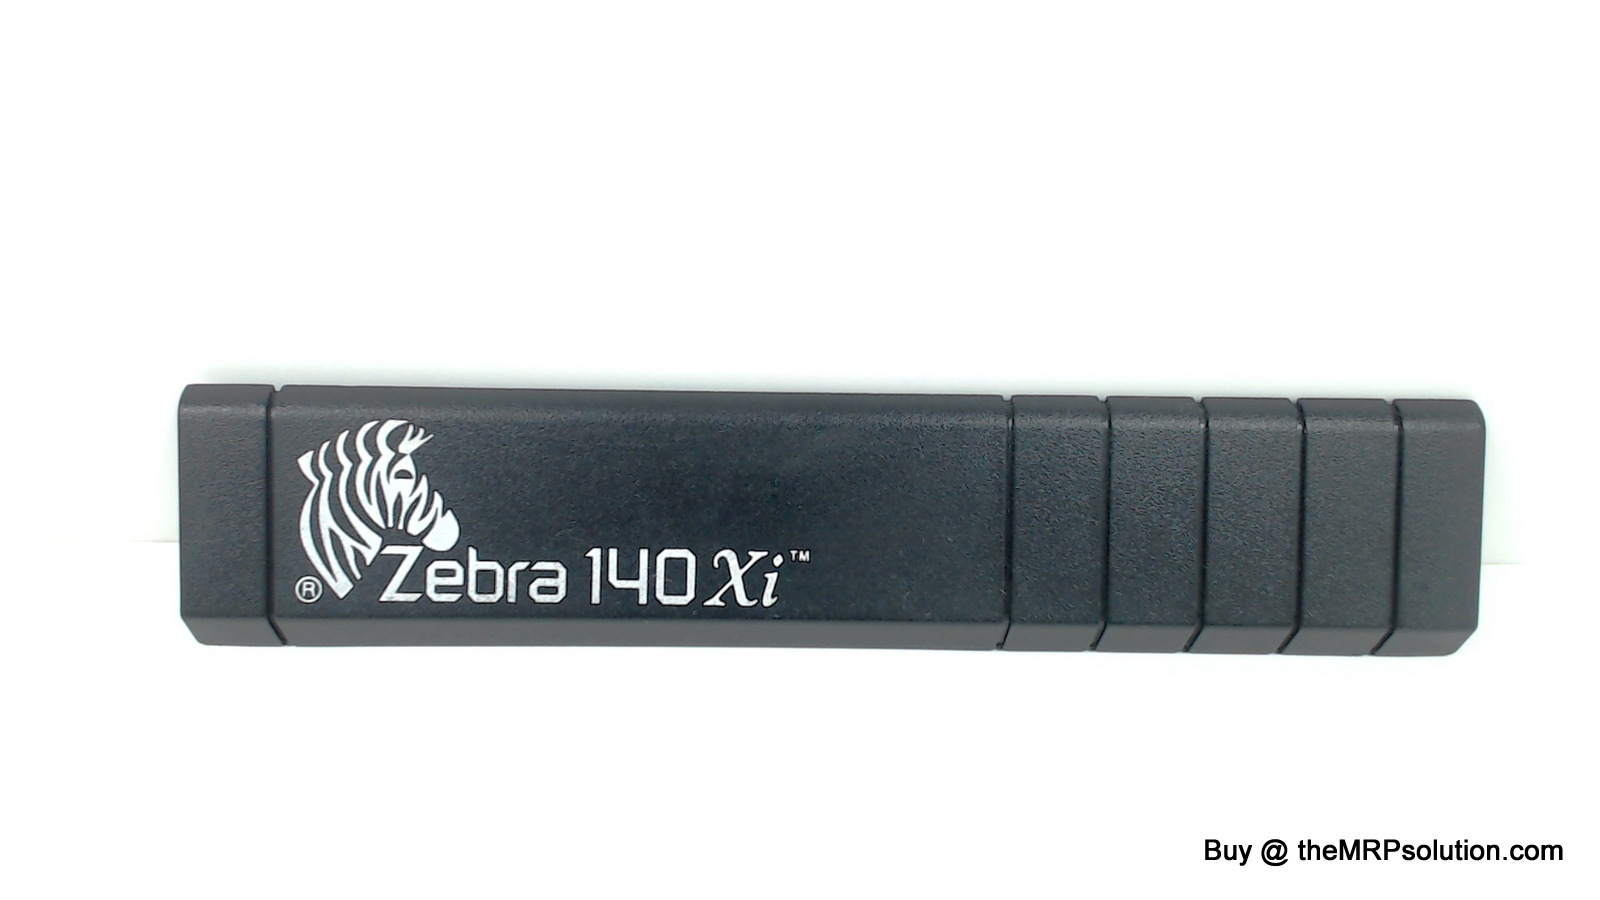 ZEBRA 46490-2 NAME PLATE, 140XI Refurbished